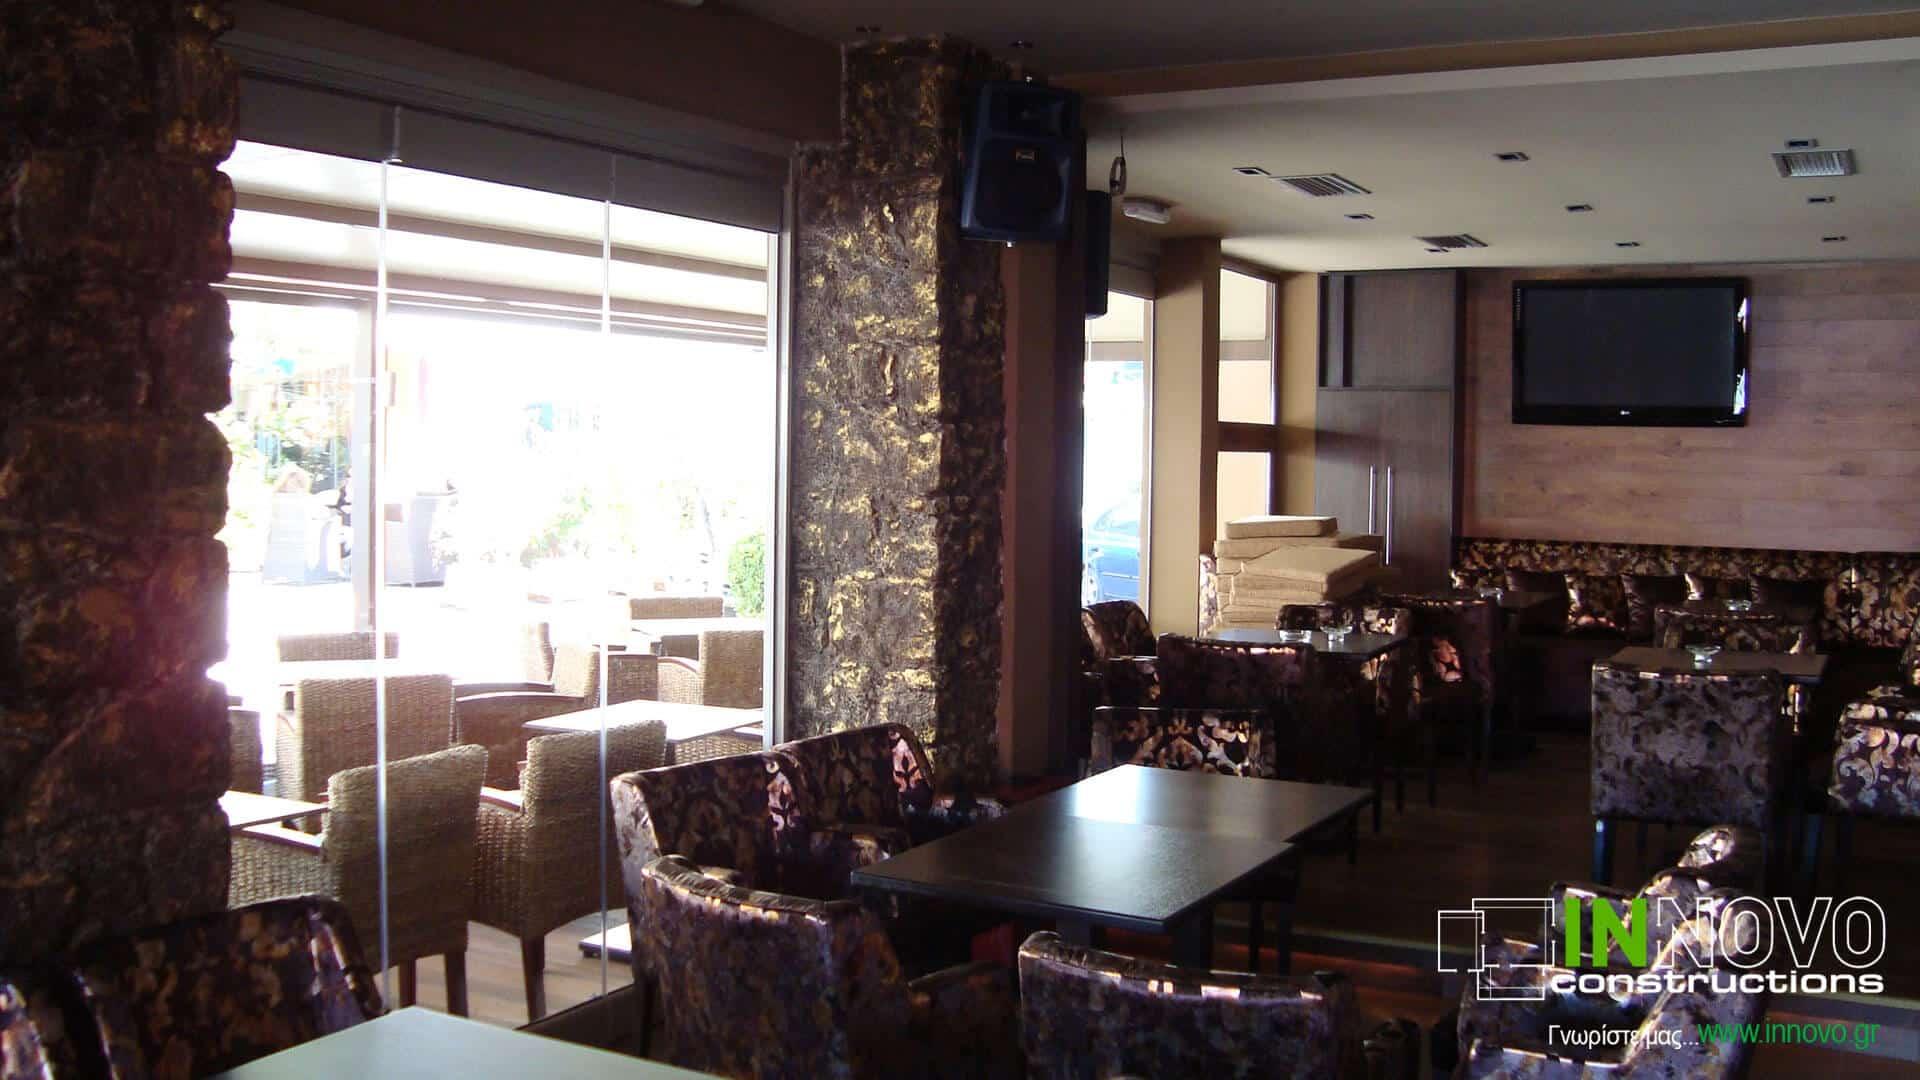 Σχεδιασμός καφέ – μπαρ στην Ανάβυσσο